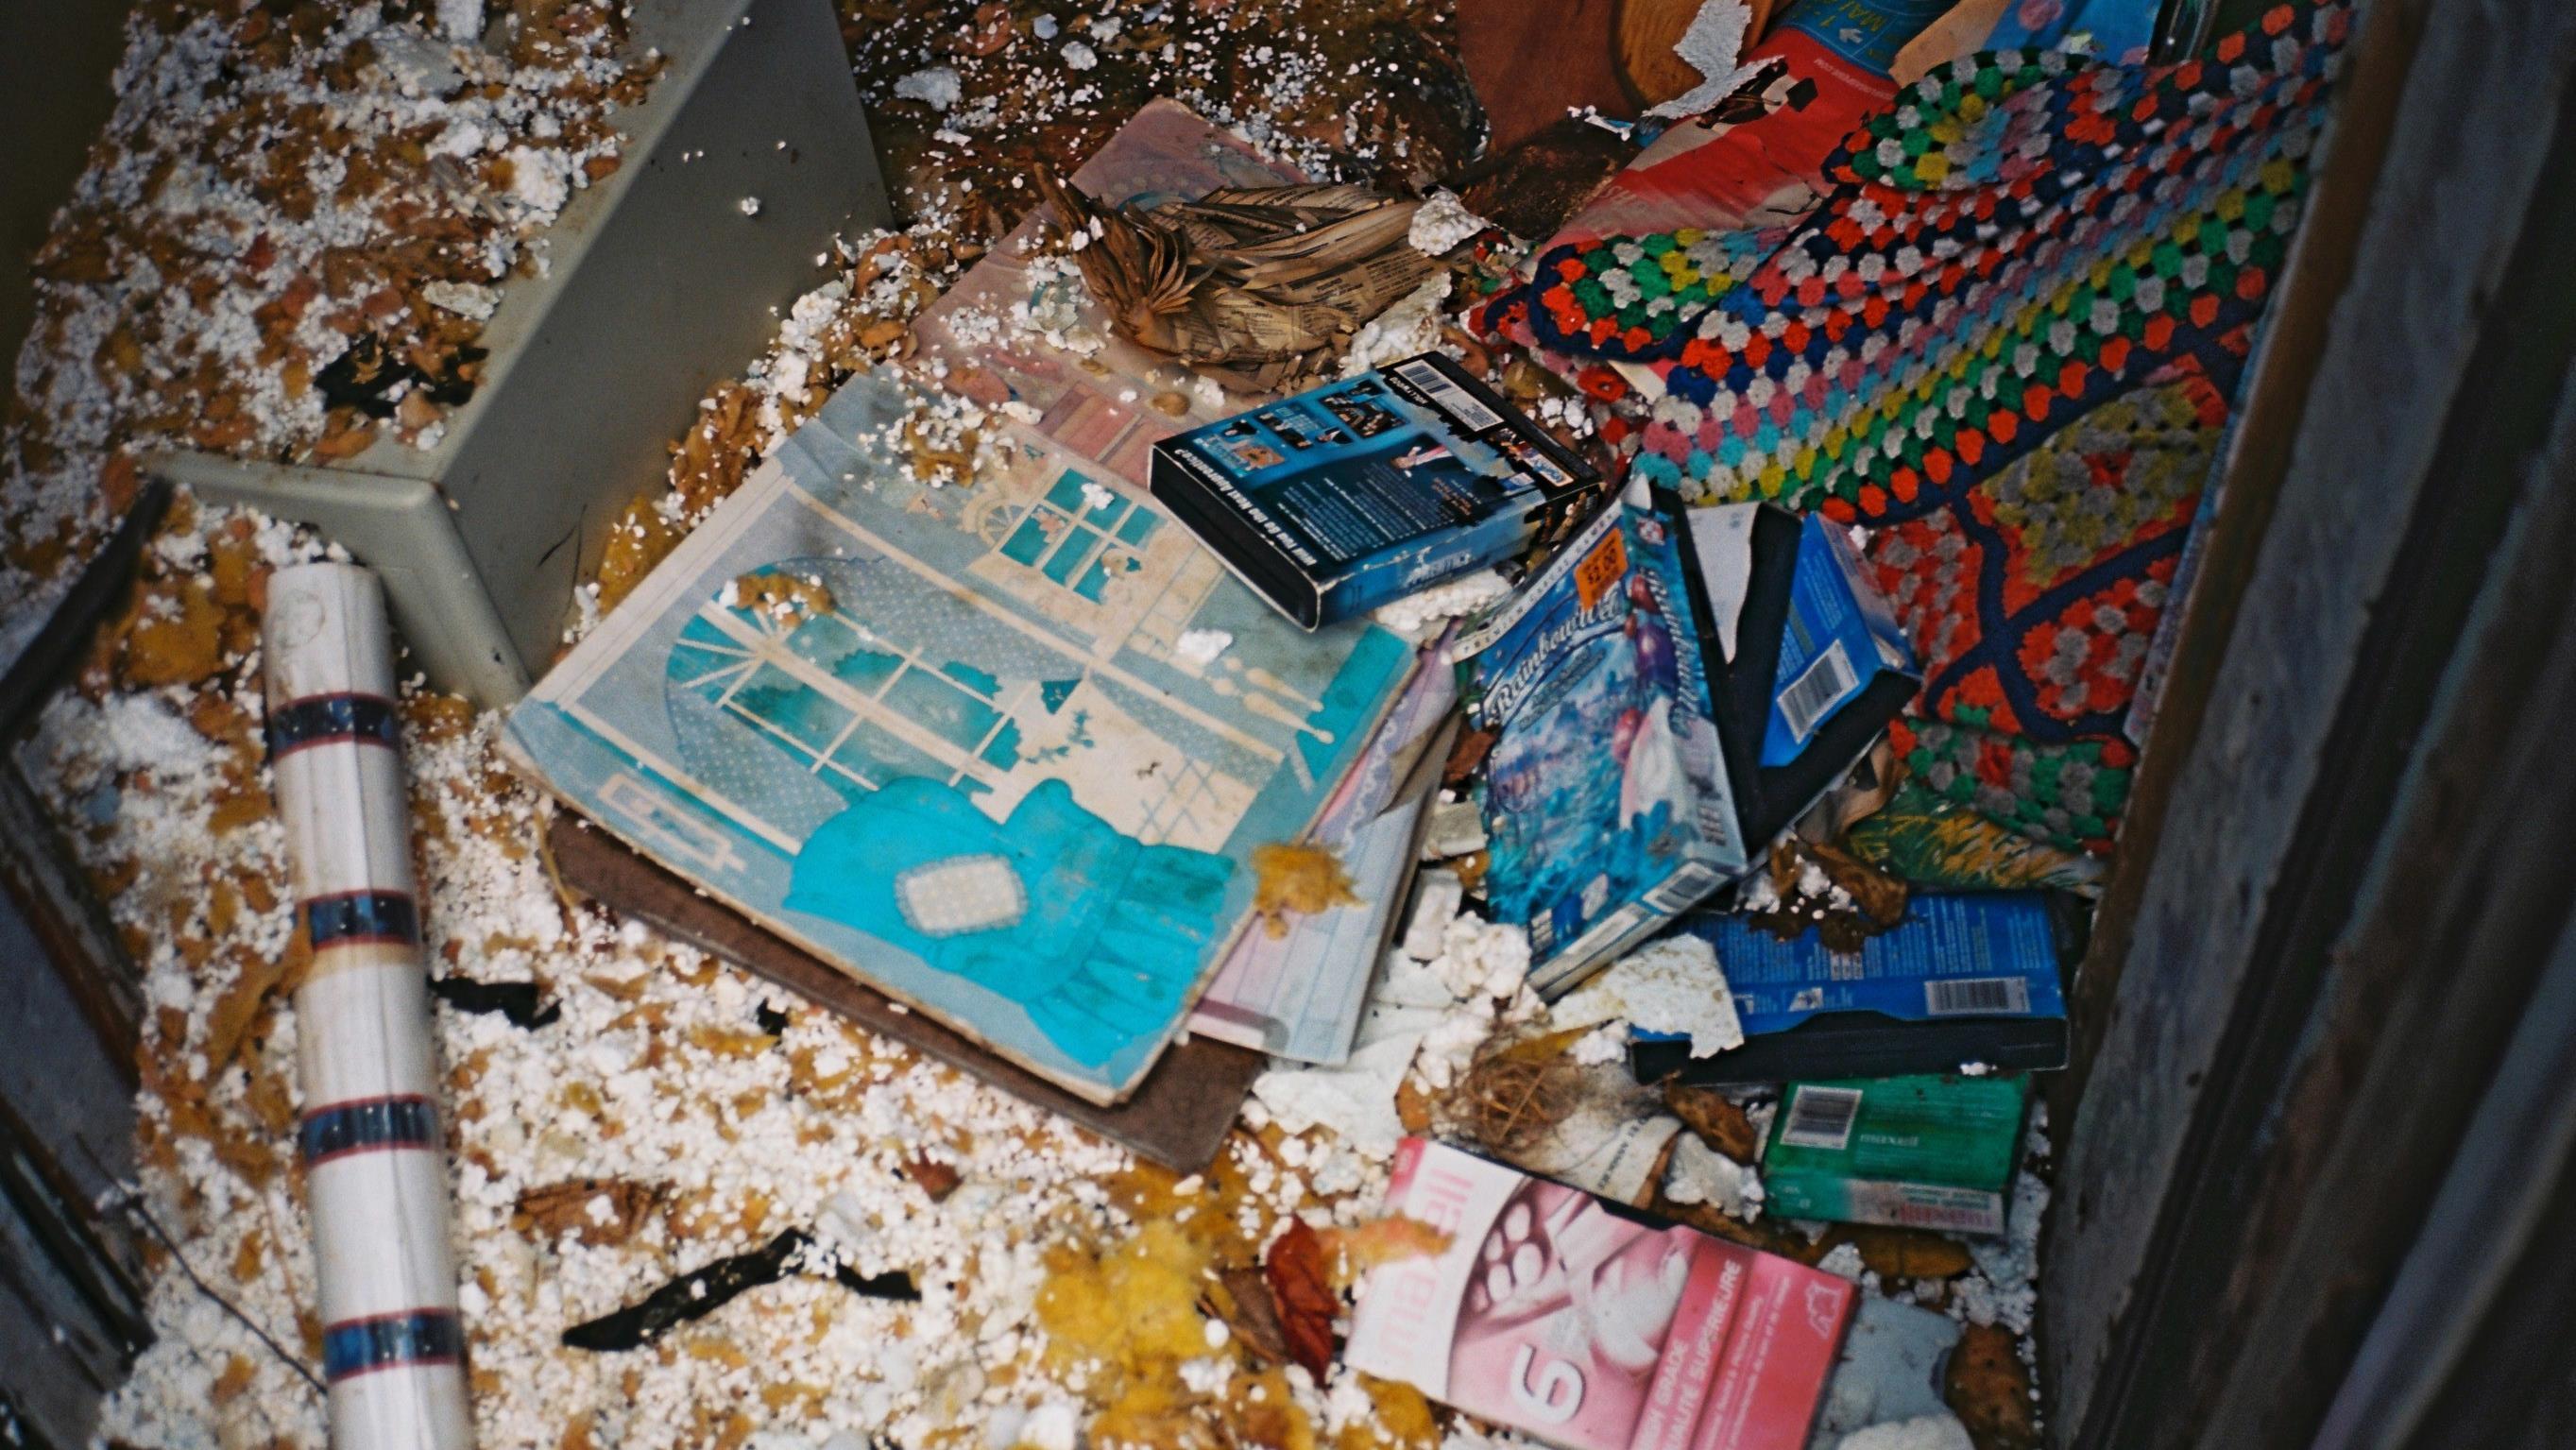 Des vieilles cassettes s'entassent sur le sol.